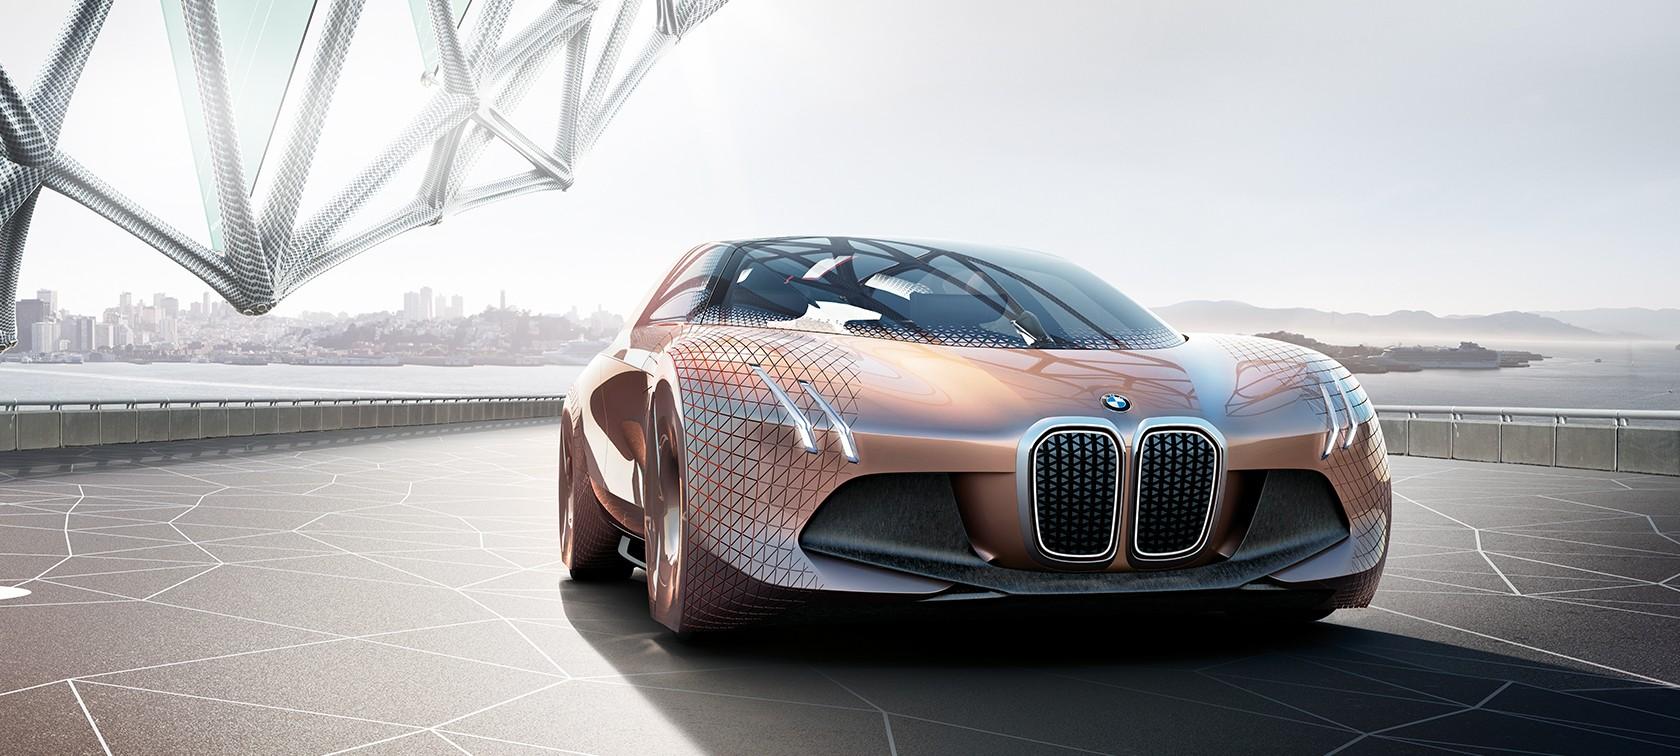 BMW i polska SI? Polskie spółki podbijają Niemcy Polska bbmw